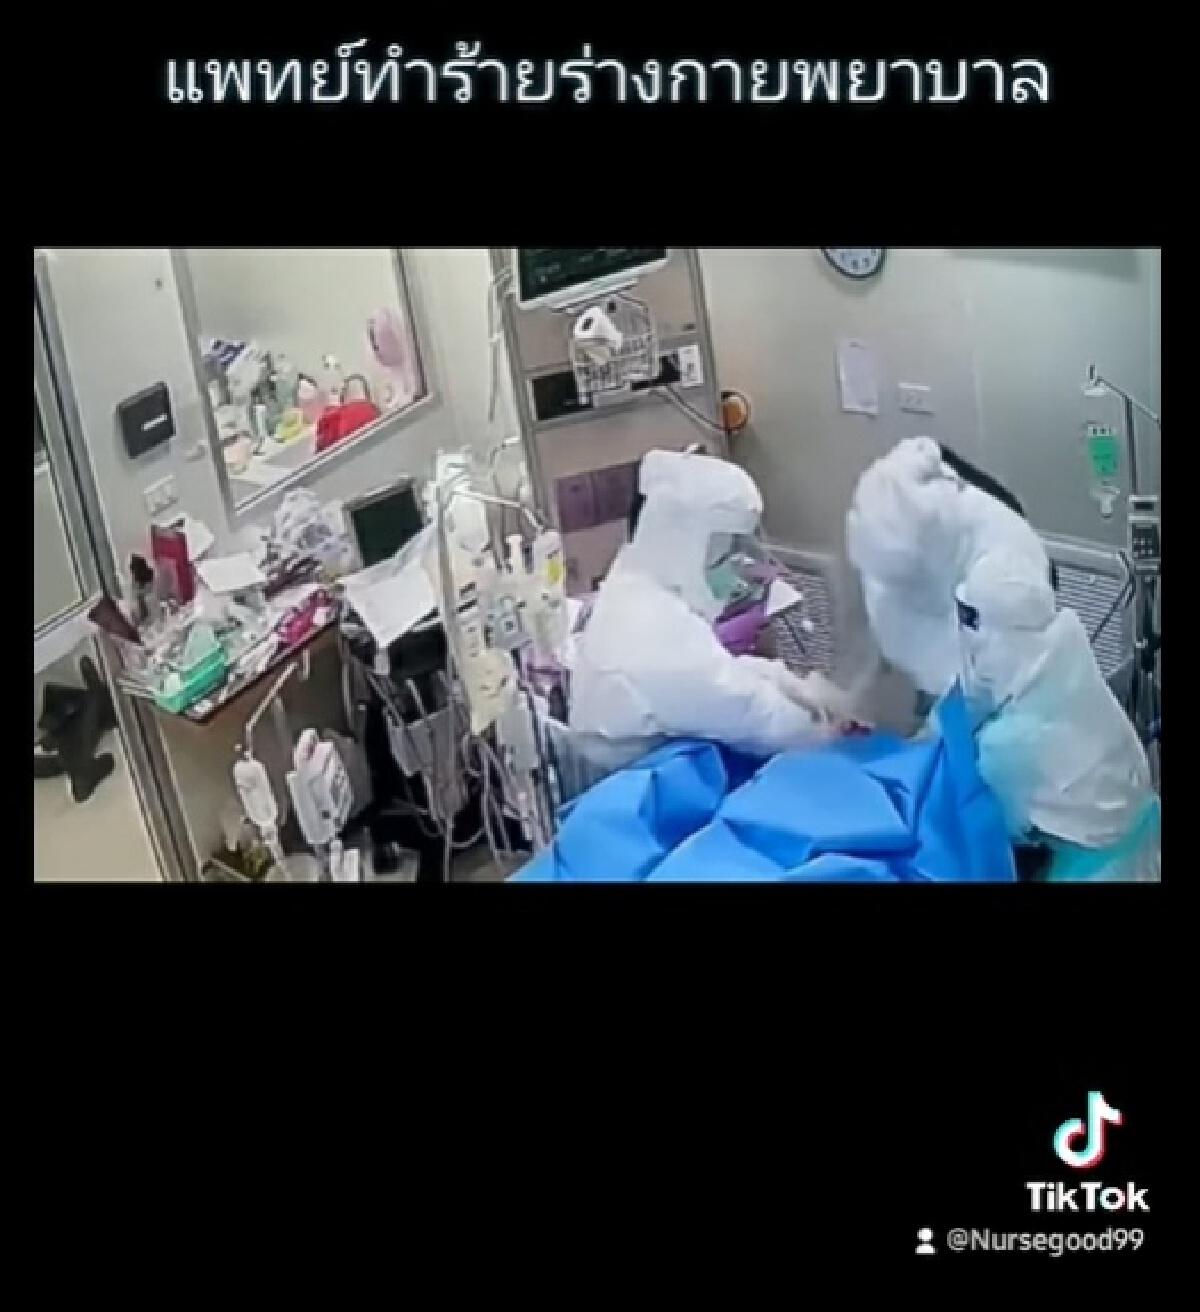 หมอ, ทำร้ายร่างกาย, พยาบาล, #Saveพยาบาล